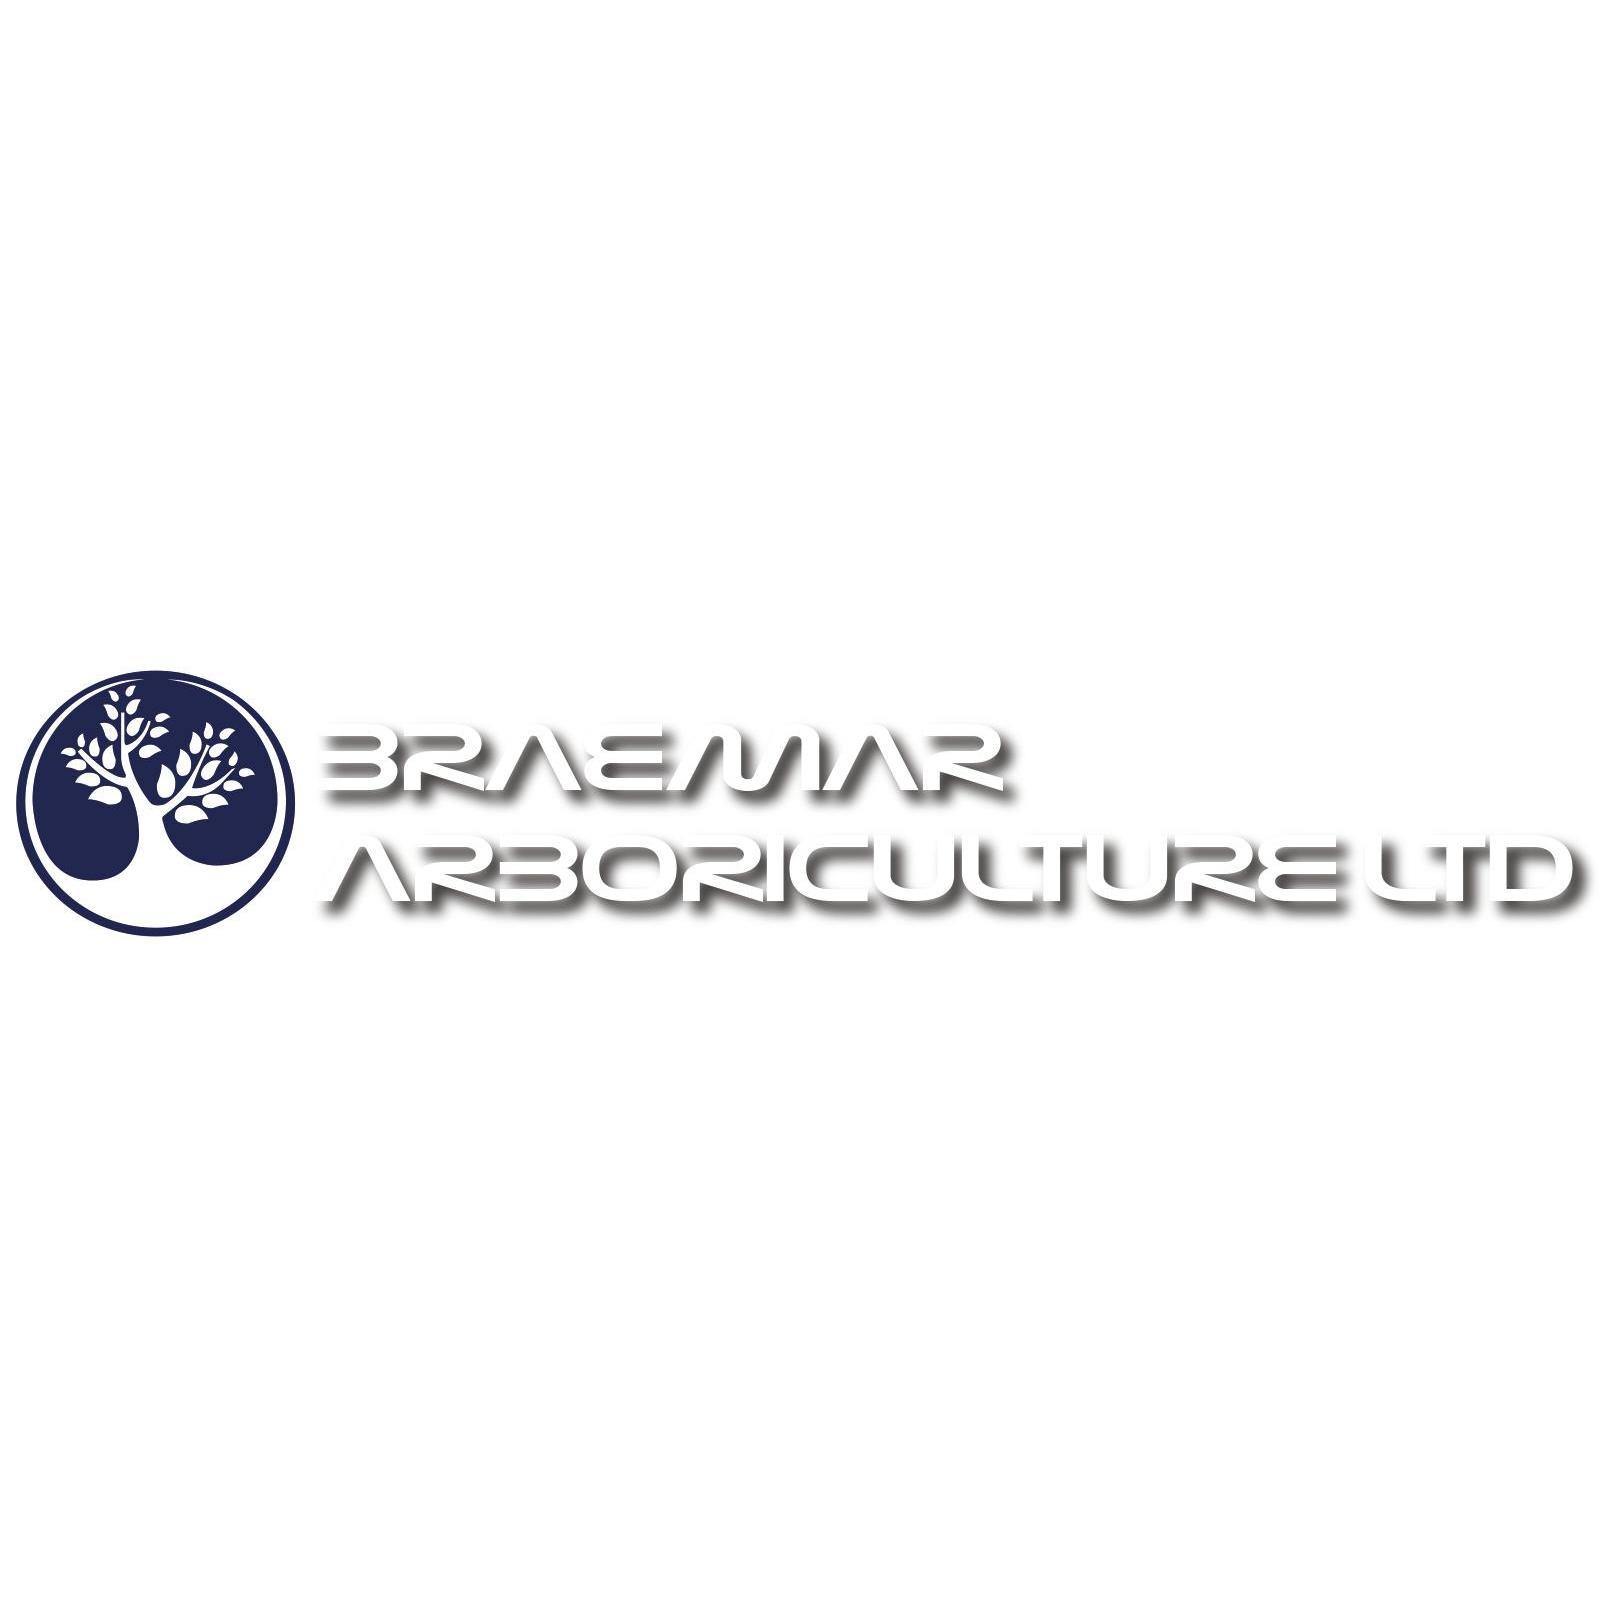 Braemar Arboriculture Limited